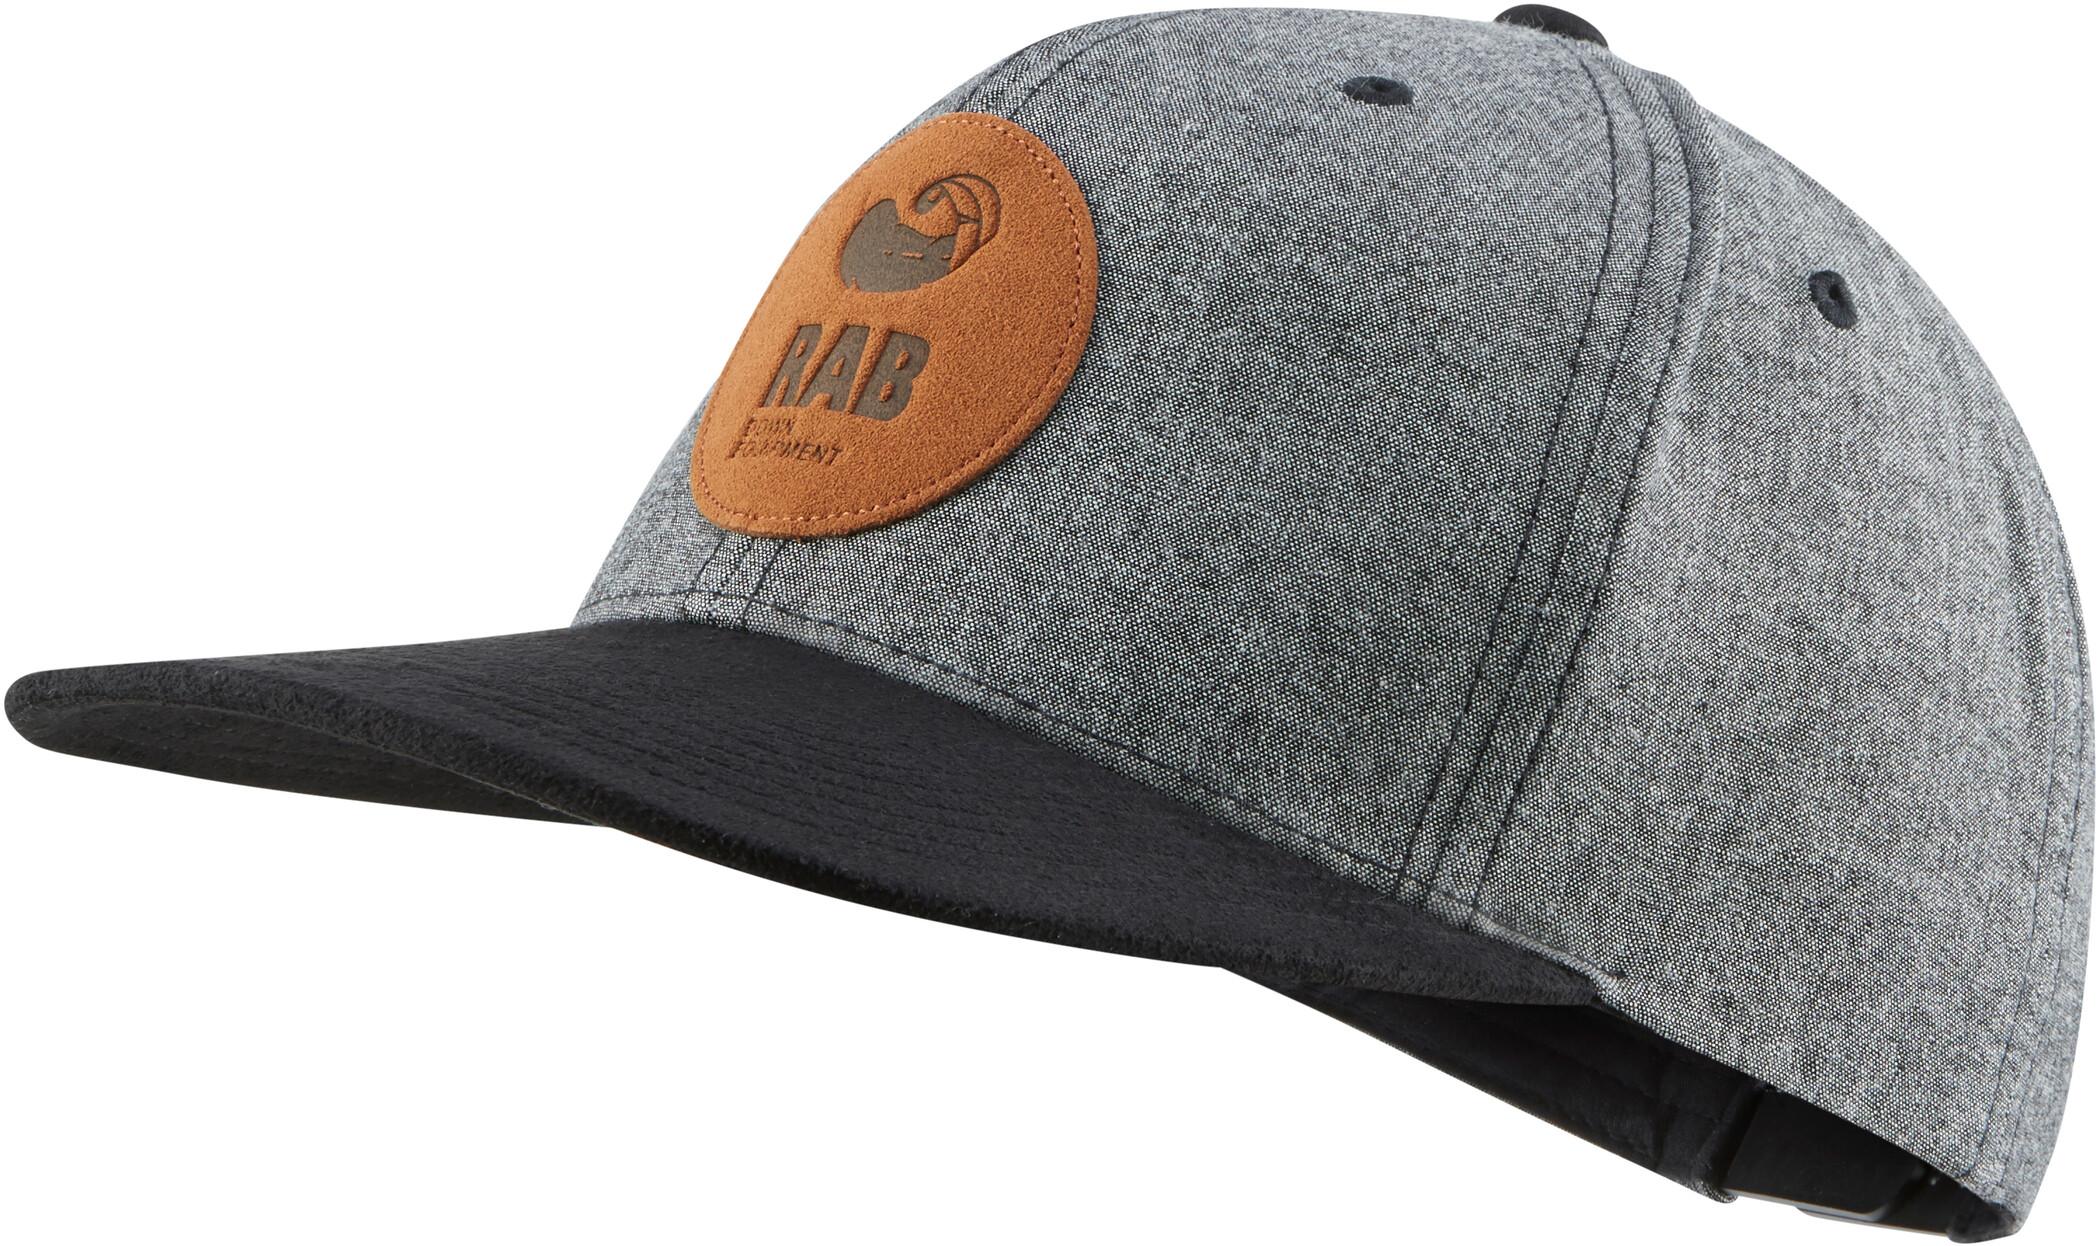 e317da375db87a https://www.campz.ch/speedo-gala-logo-jammers-men-blackred ...